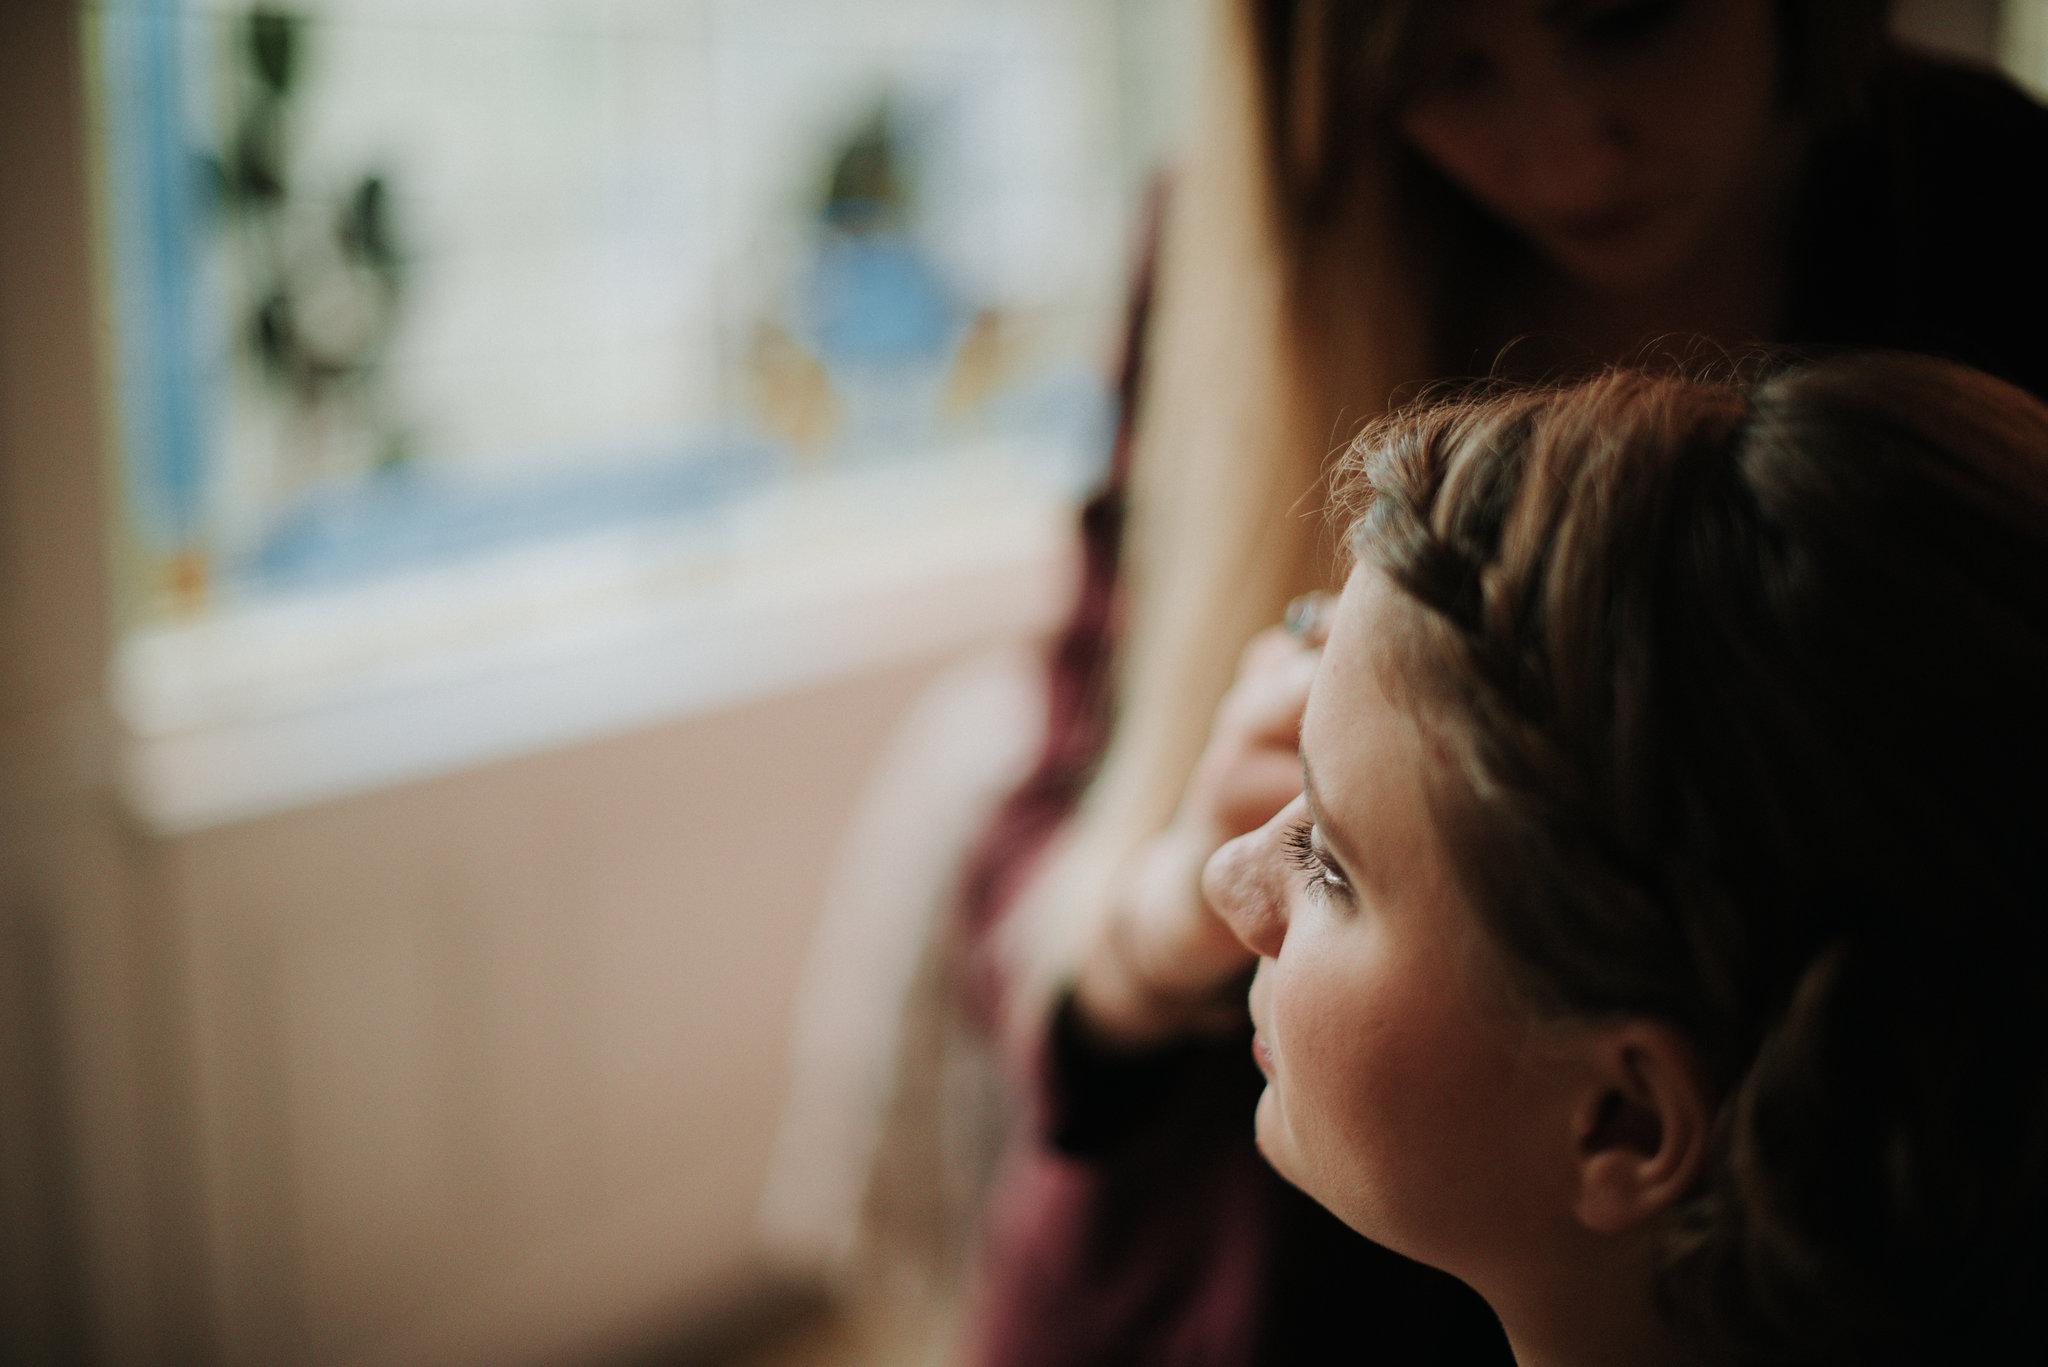 Léa-Fery-photographe-professionnel-lyon-rhone-alpes-portrait-creation-mariage-evenement-evenementiel-famille-1371.jpg